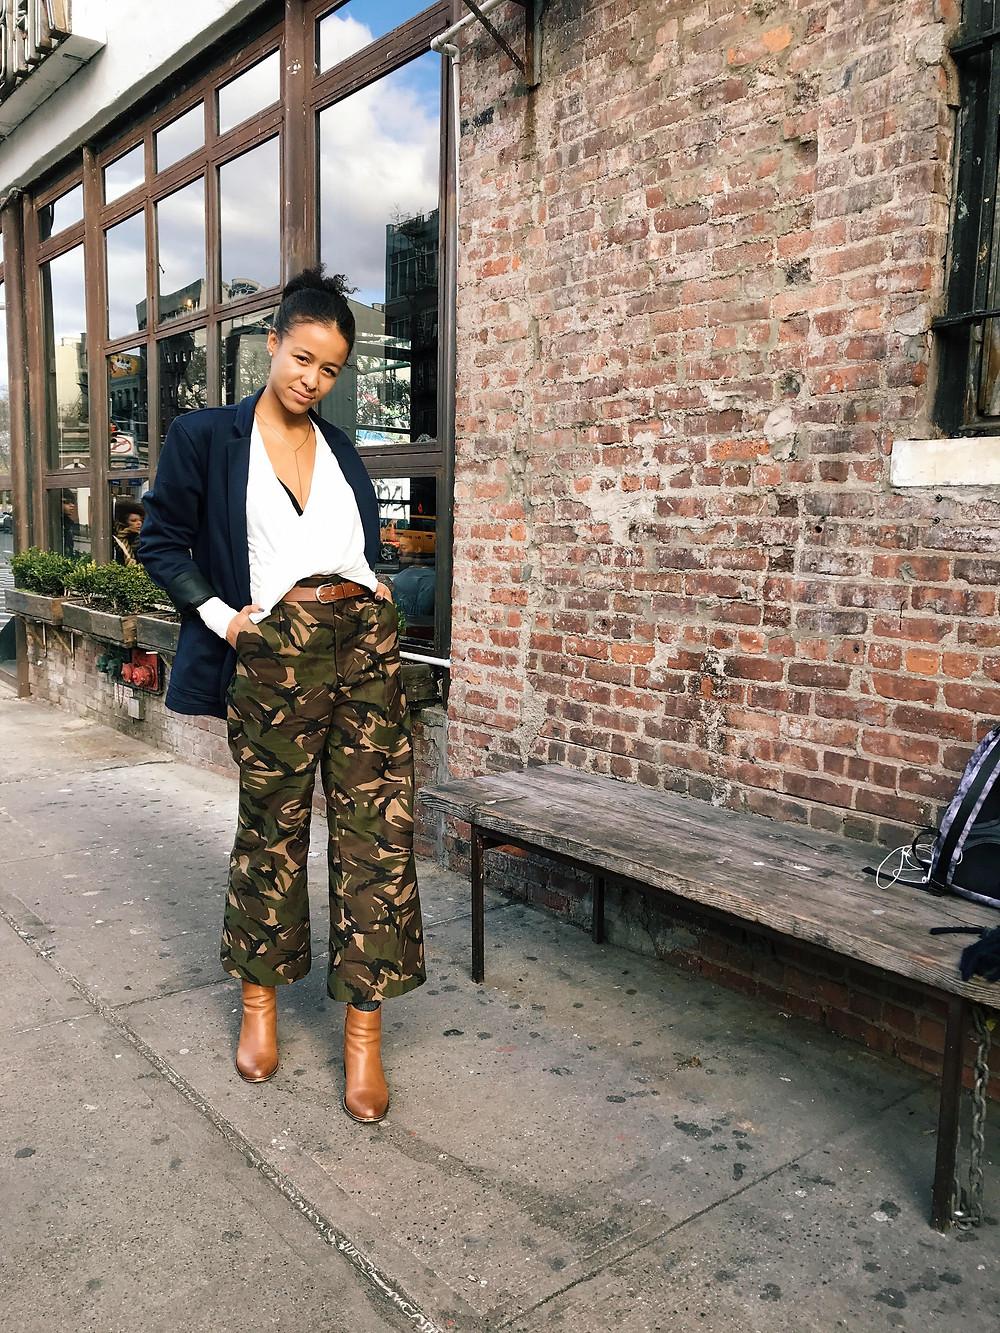 Grey Lady, Lower Manhattan, Lower East Side, Brunch, Brunch with Sam, NYc Food, NYC Food Blog, Food Blog, Food Blogger, Blogger, Foodie